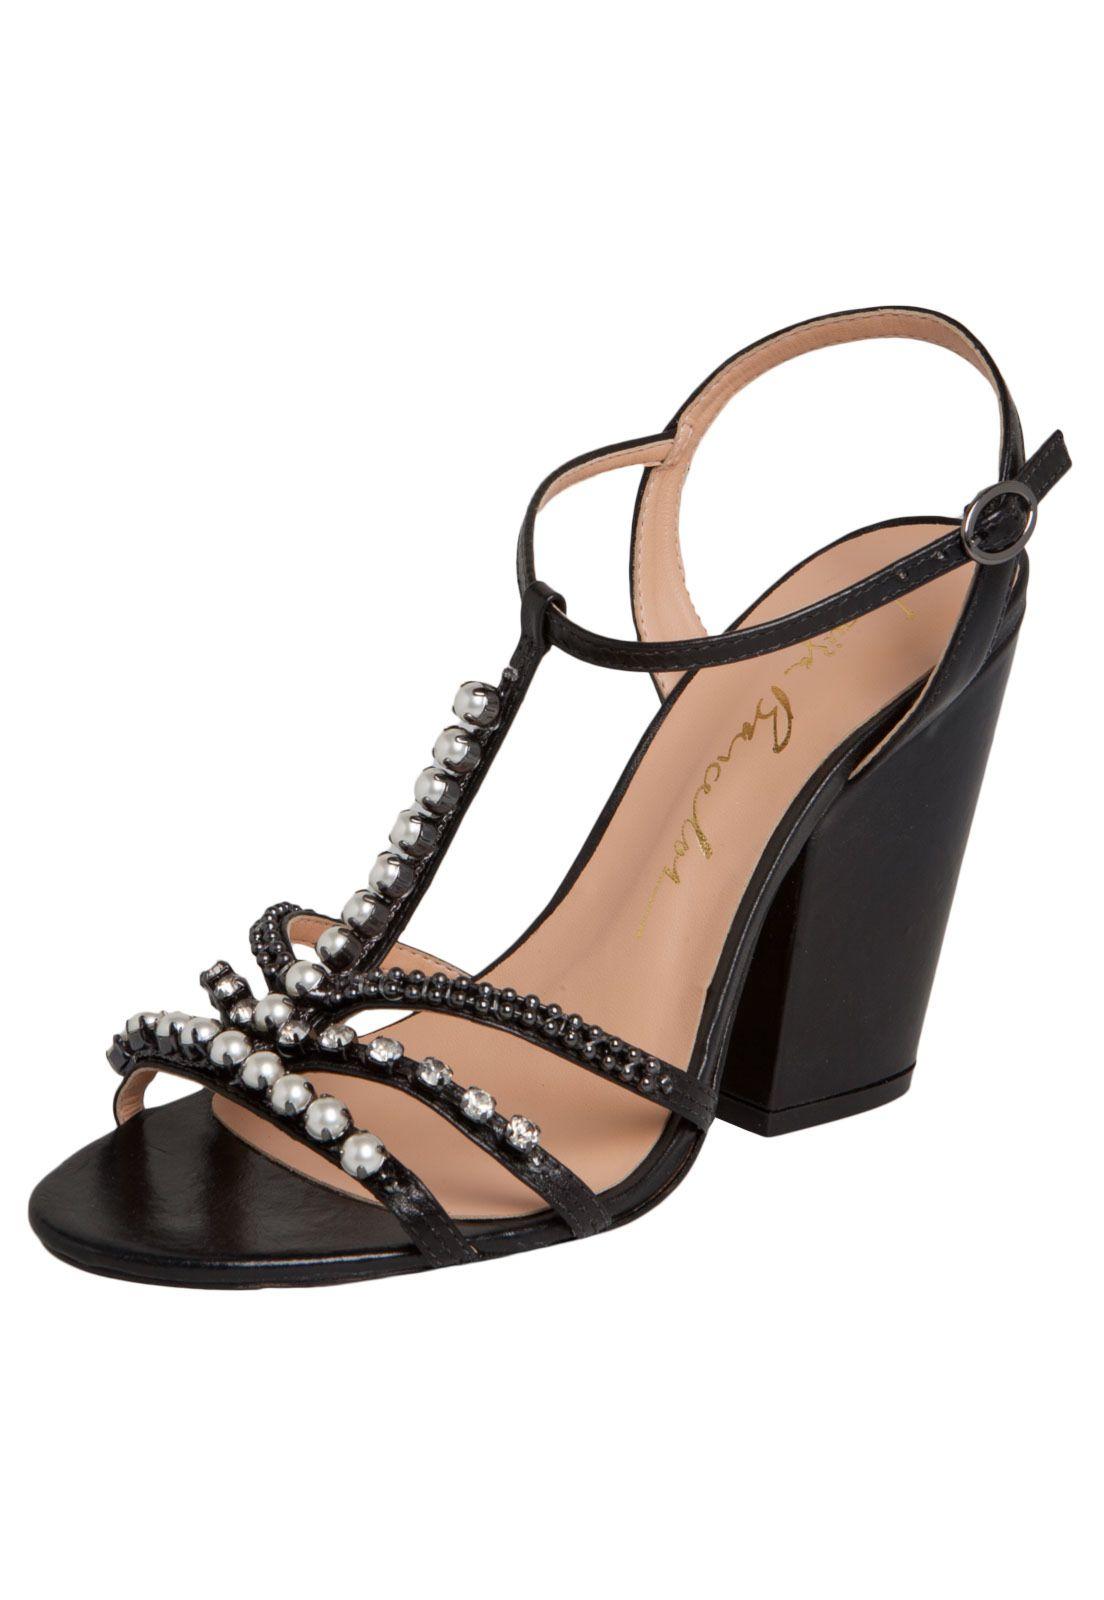 944ed4a02 sandalia salto grosso salomé strass - Compre Agora